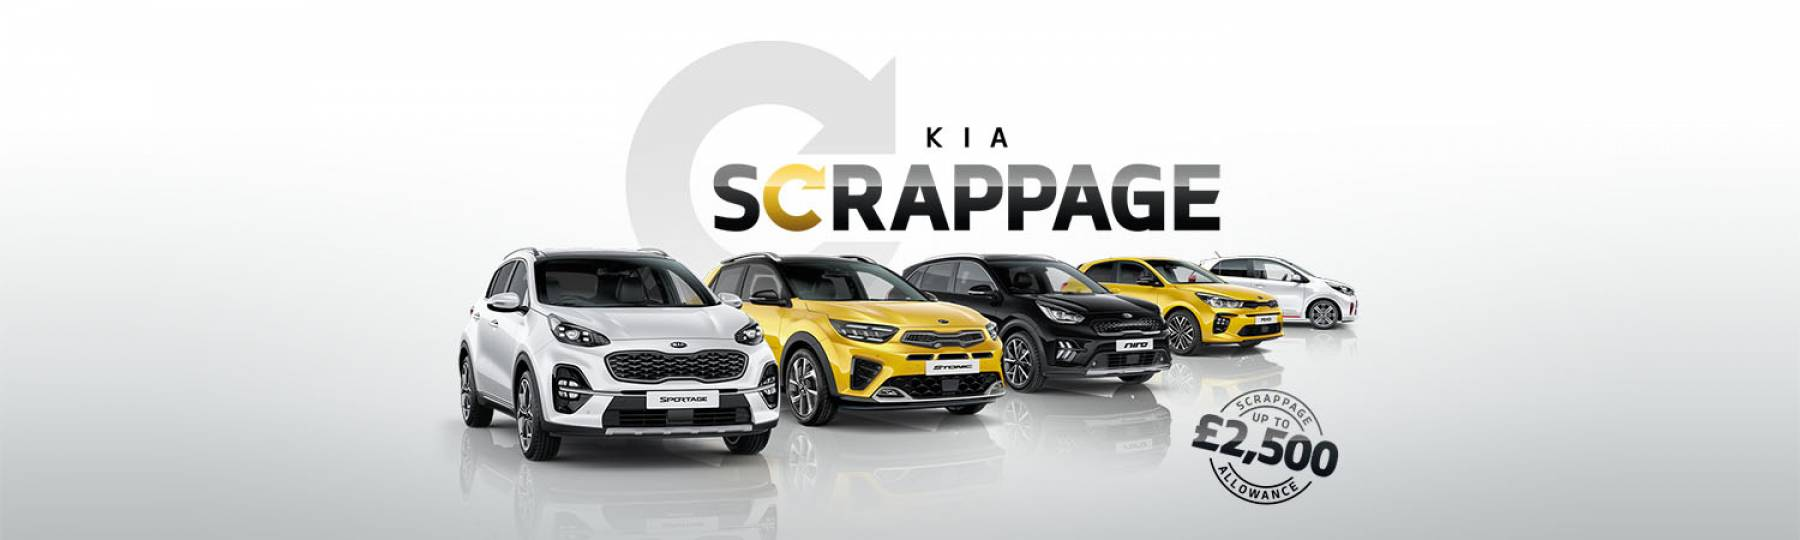 KD001 0637 Q1 2021 Digital Banner Scrappage 1500x450